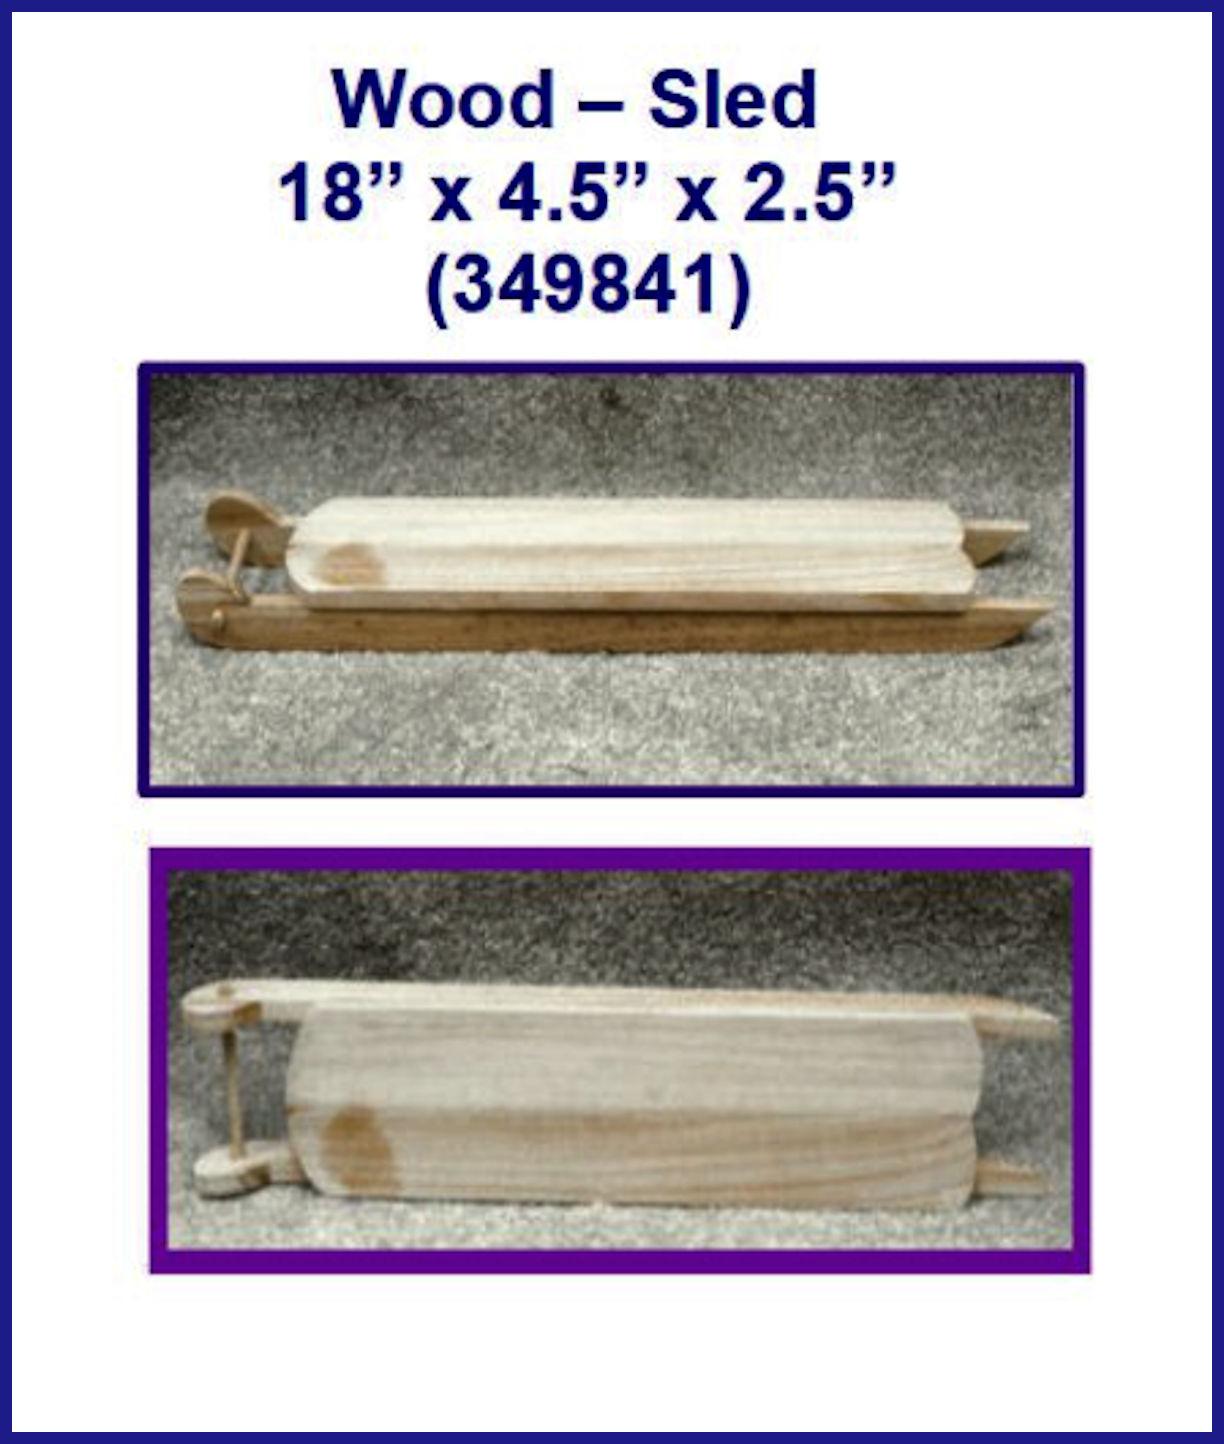 wood-sled-349841-boarder.jpg